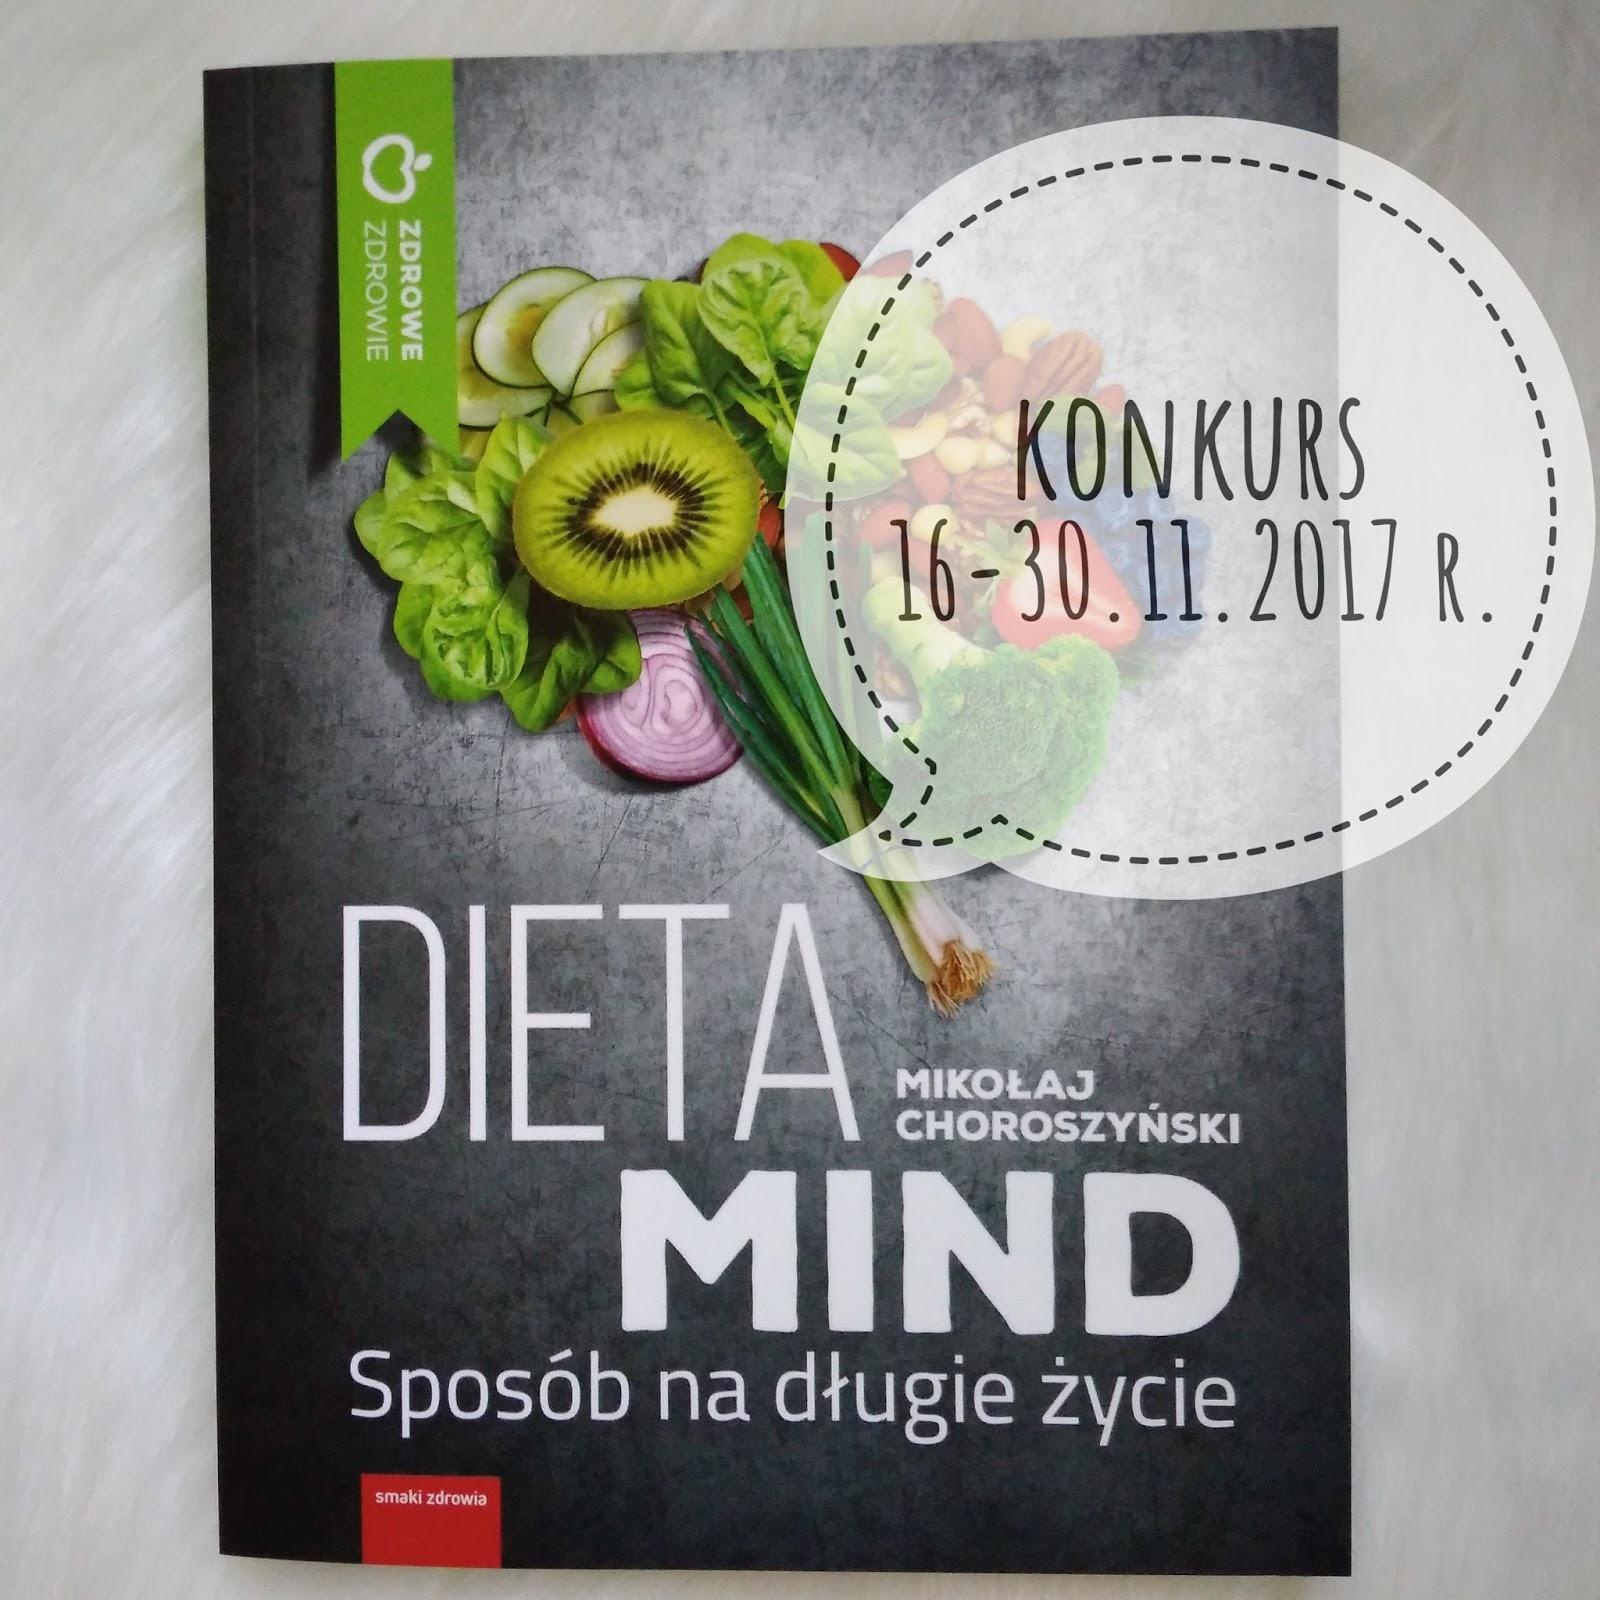 Dieta Mind Mikołaj Choroszyński